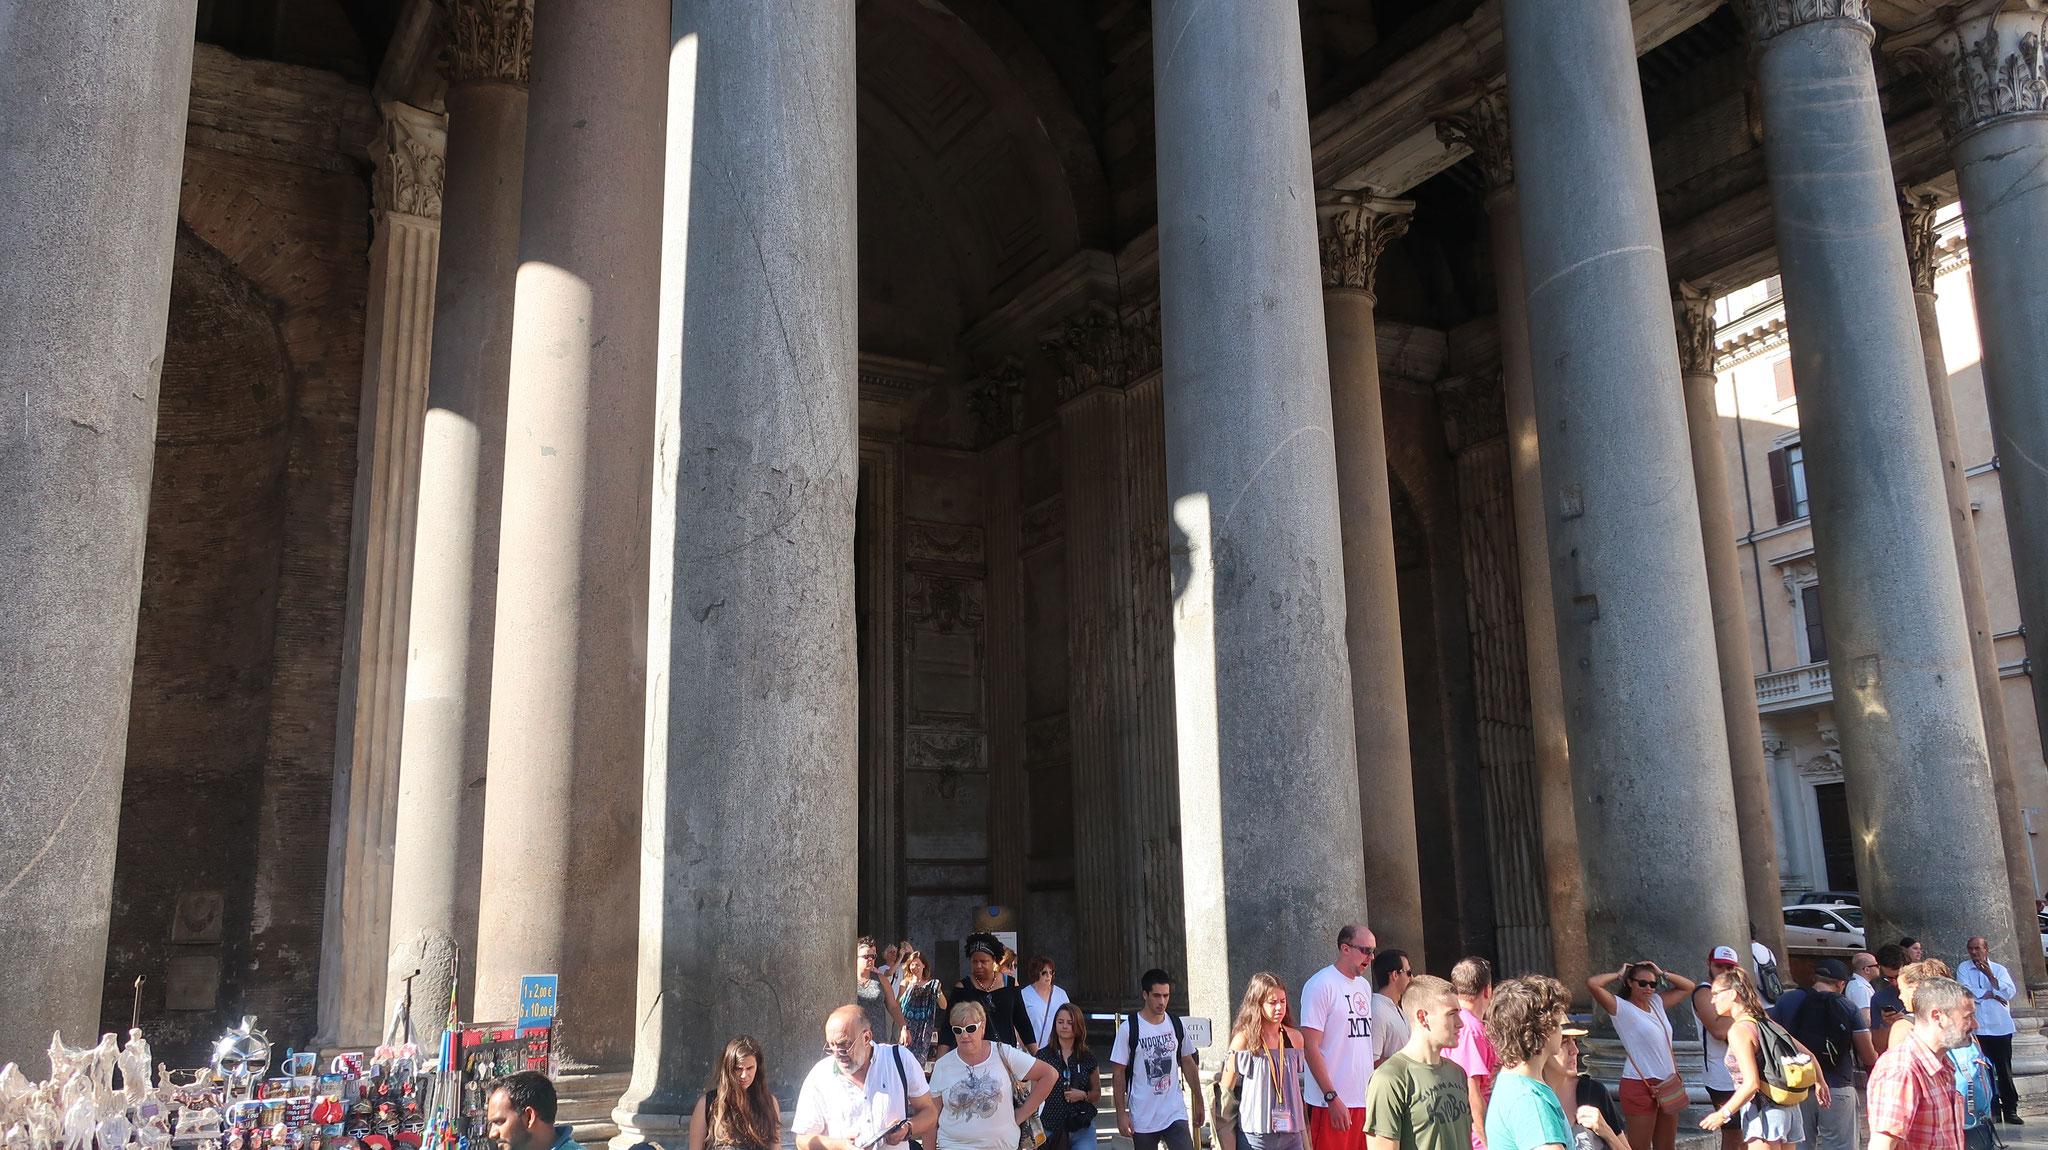 古代ギリシアコリント式の花崗岩の円柱16本